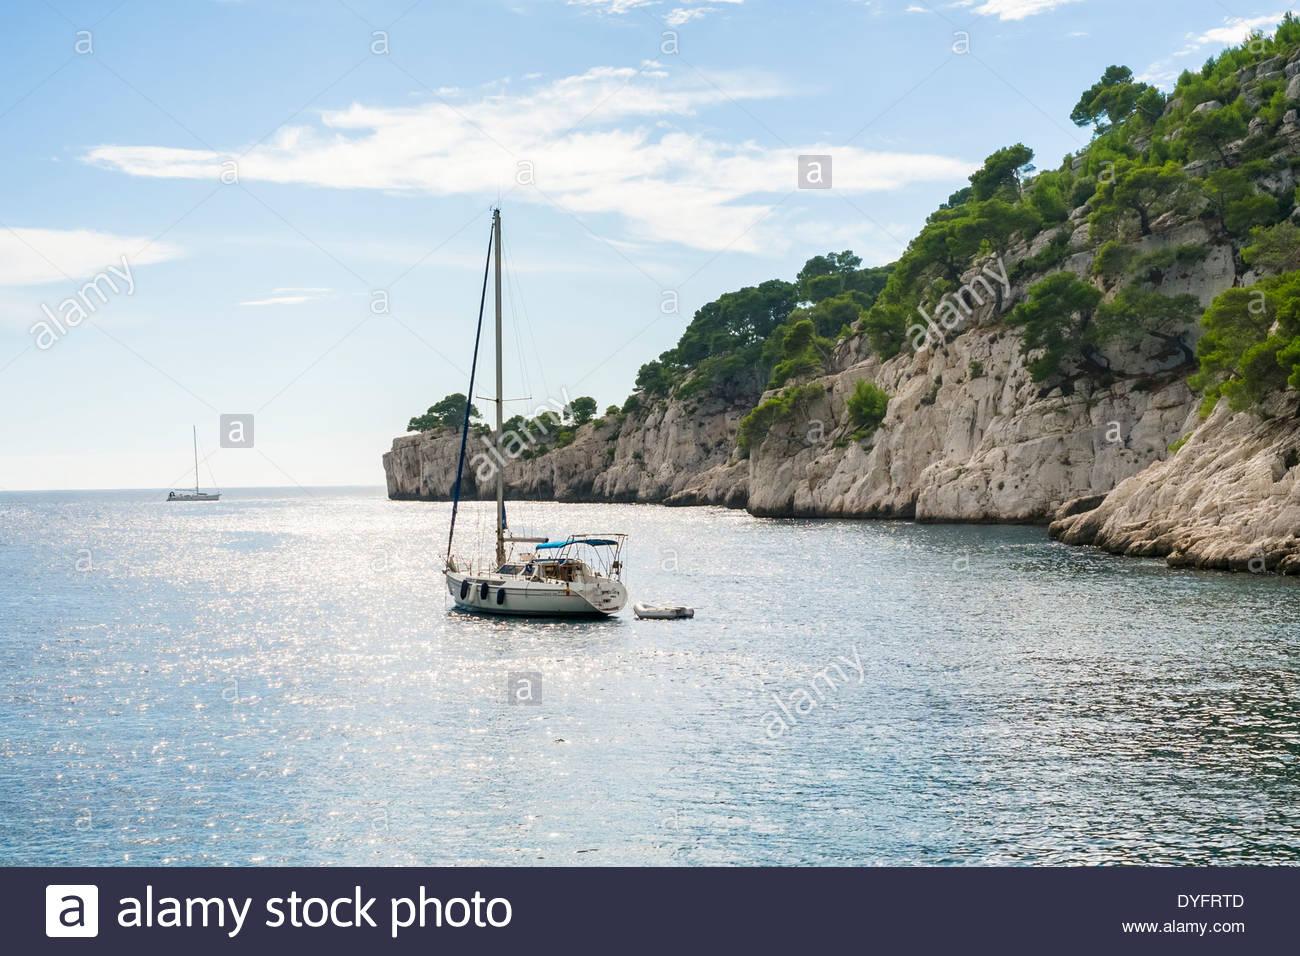 Sailboat anchored at Calanque de Port-Pin, Parc National des Calanques, Bouches-du-Rhône, Provence-Alpes-Côte d'Azur, France - Stock Image